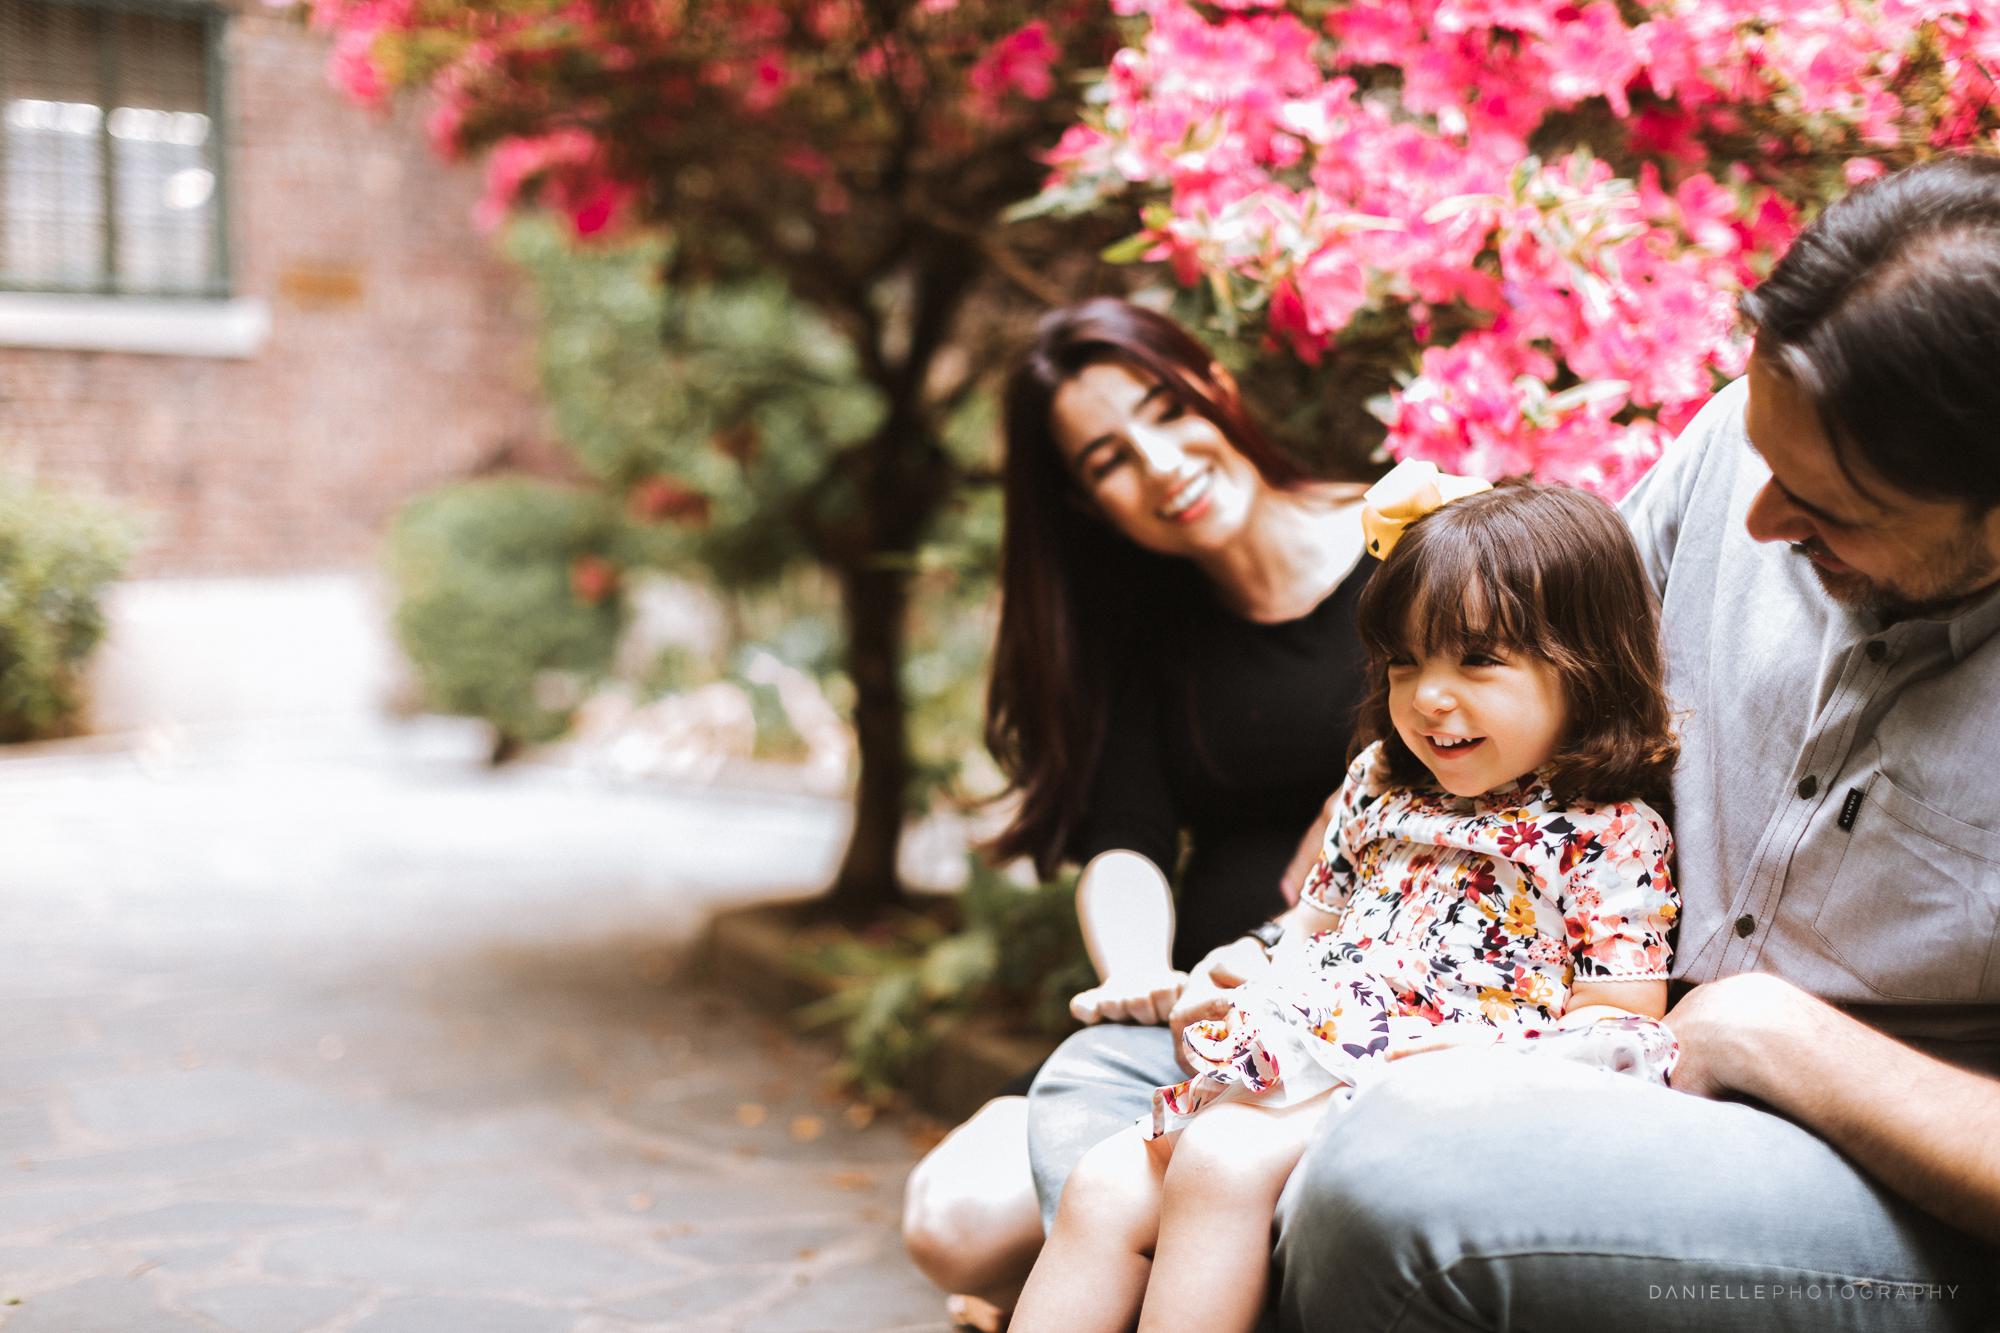 @DaniellePhotographySA_Family_New_York_Maternity_Photos-27.jpg